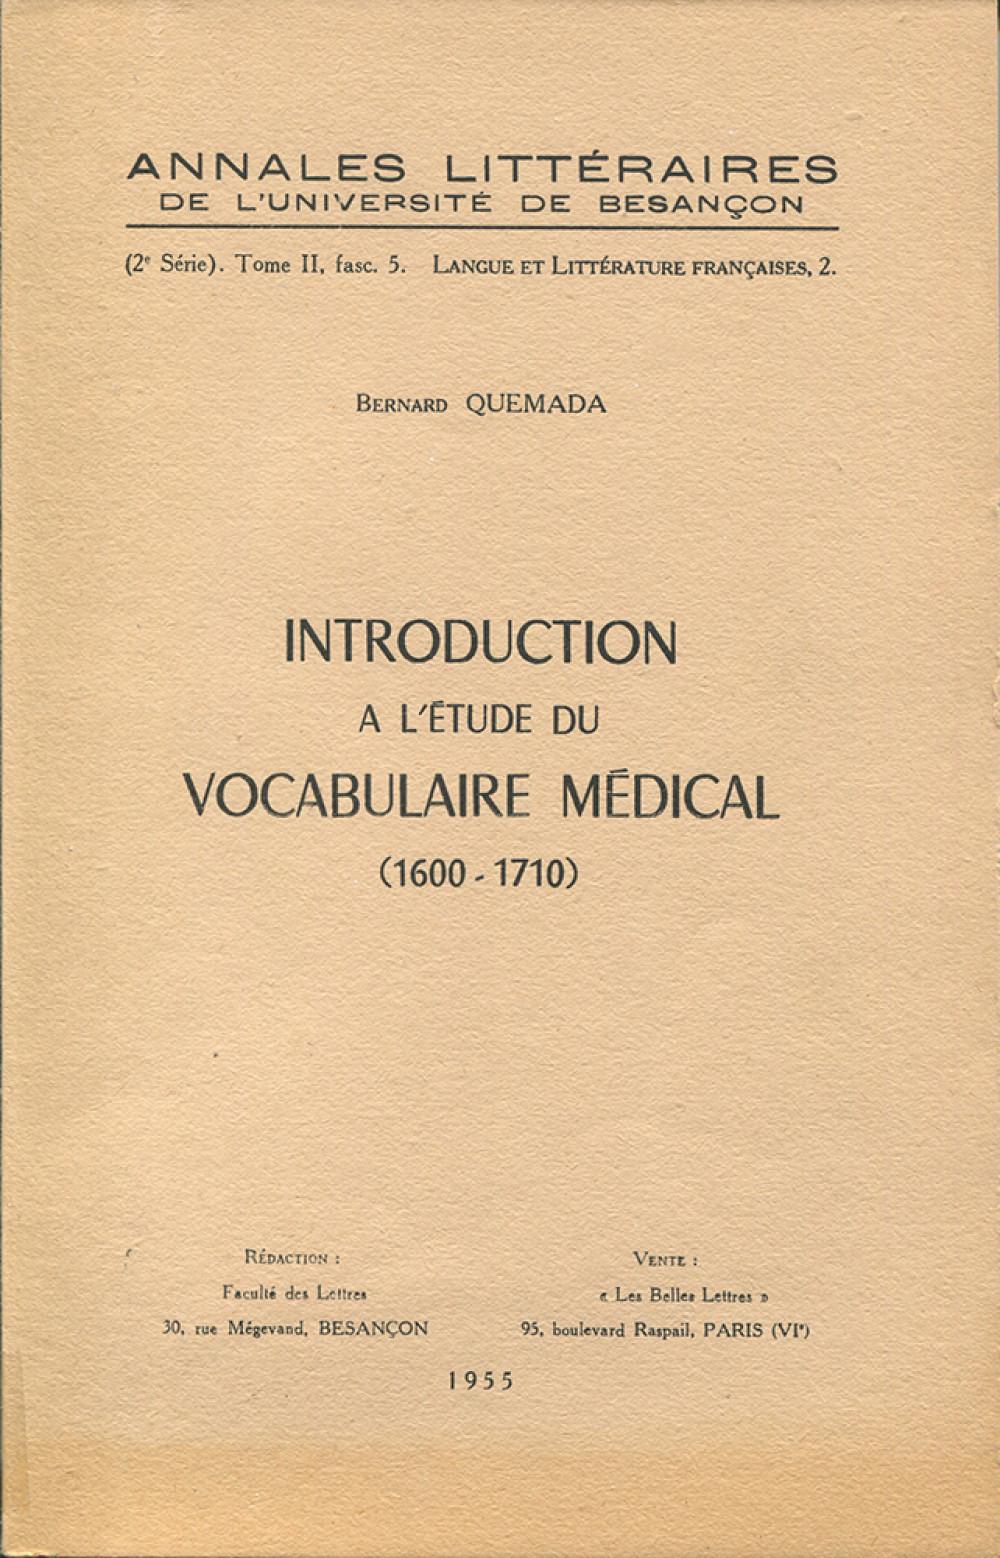 Introduction à l'étude du vocabulaire médical (1600-1710)